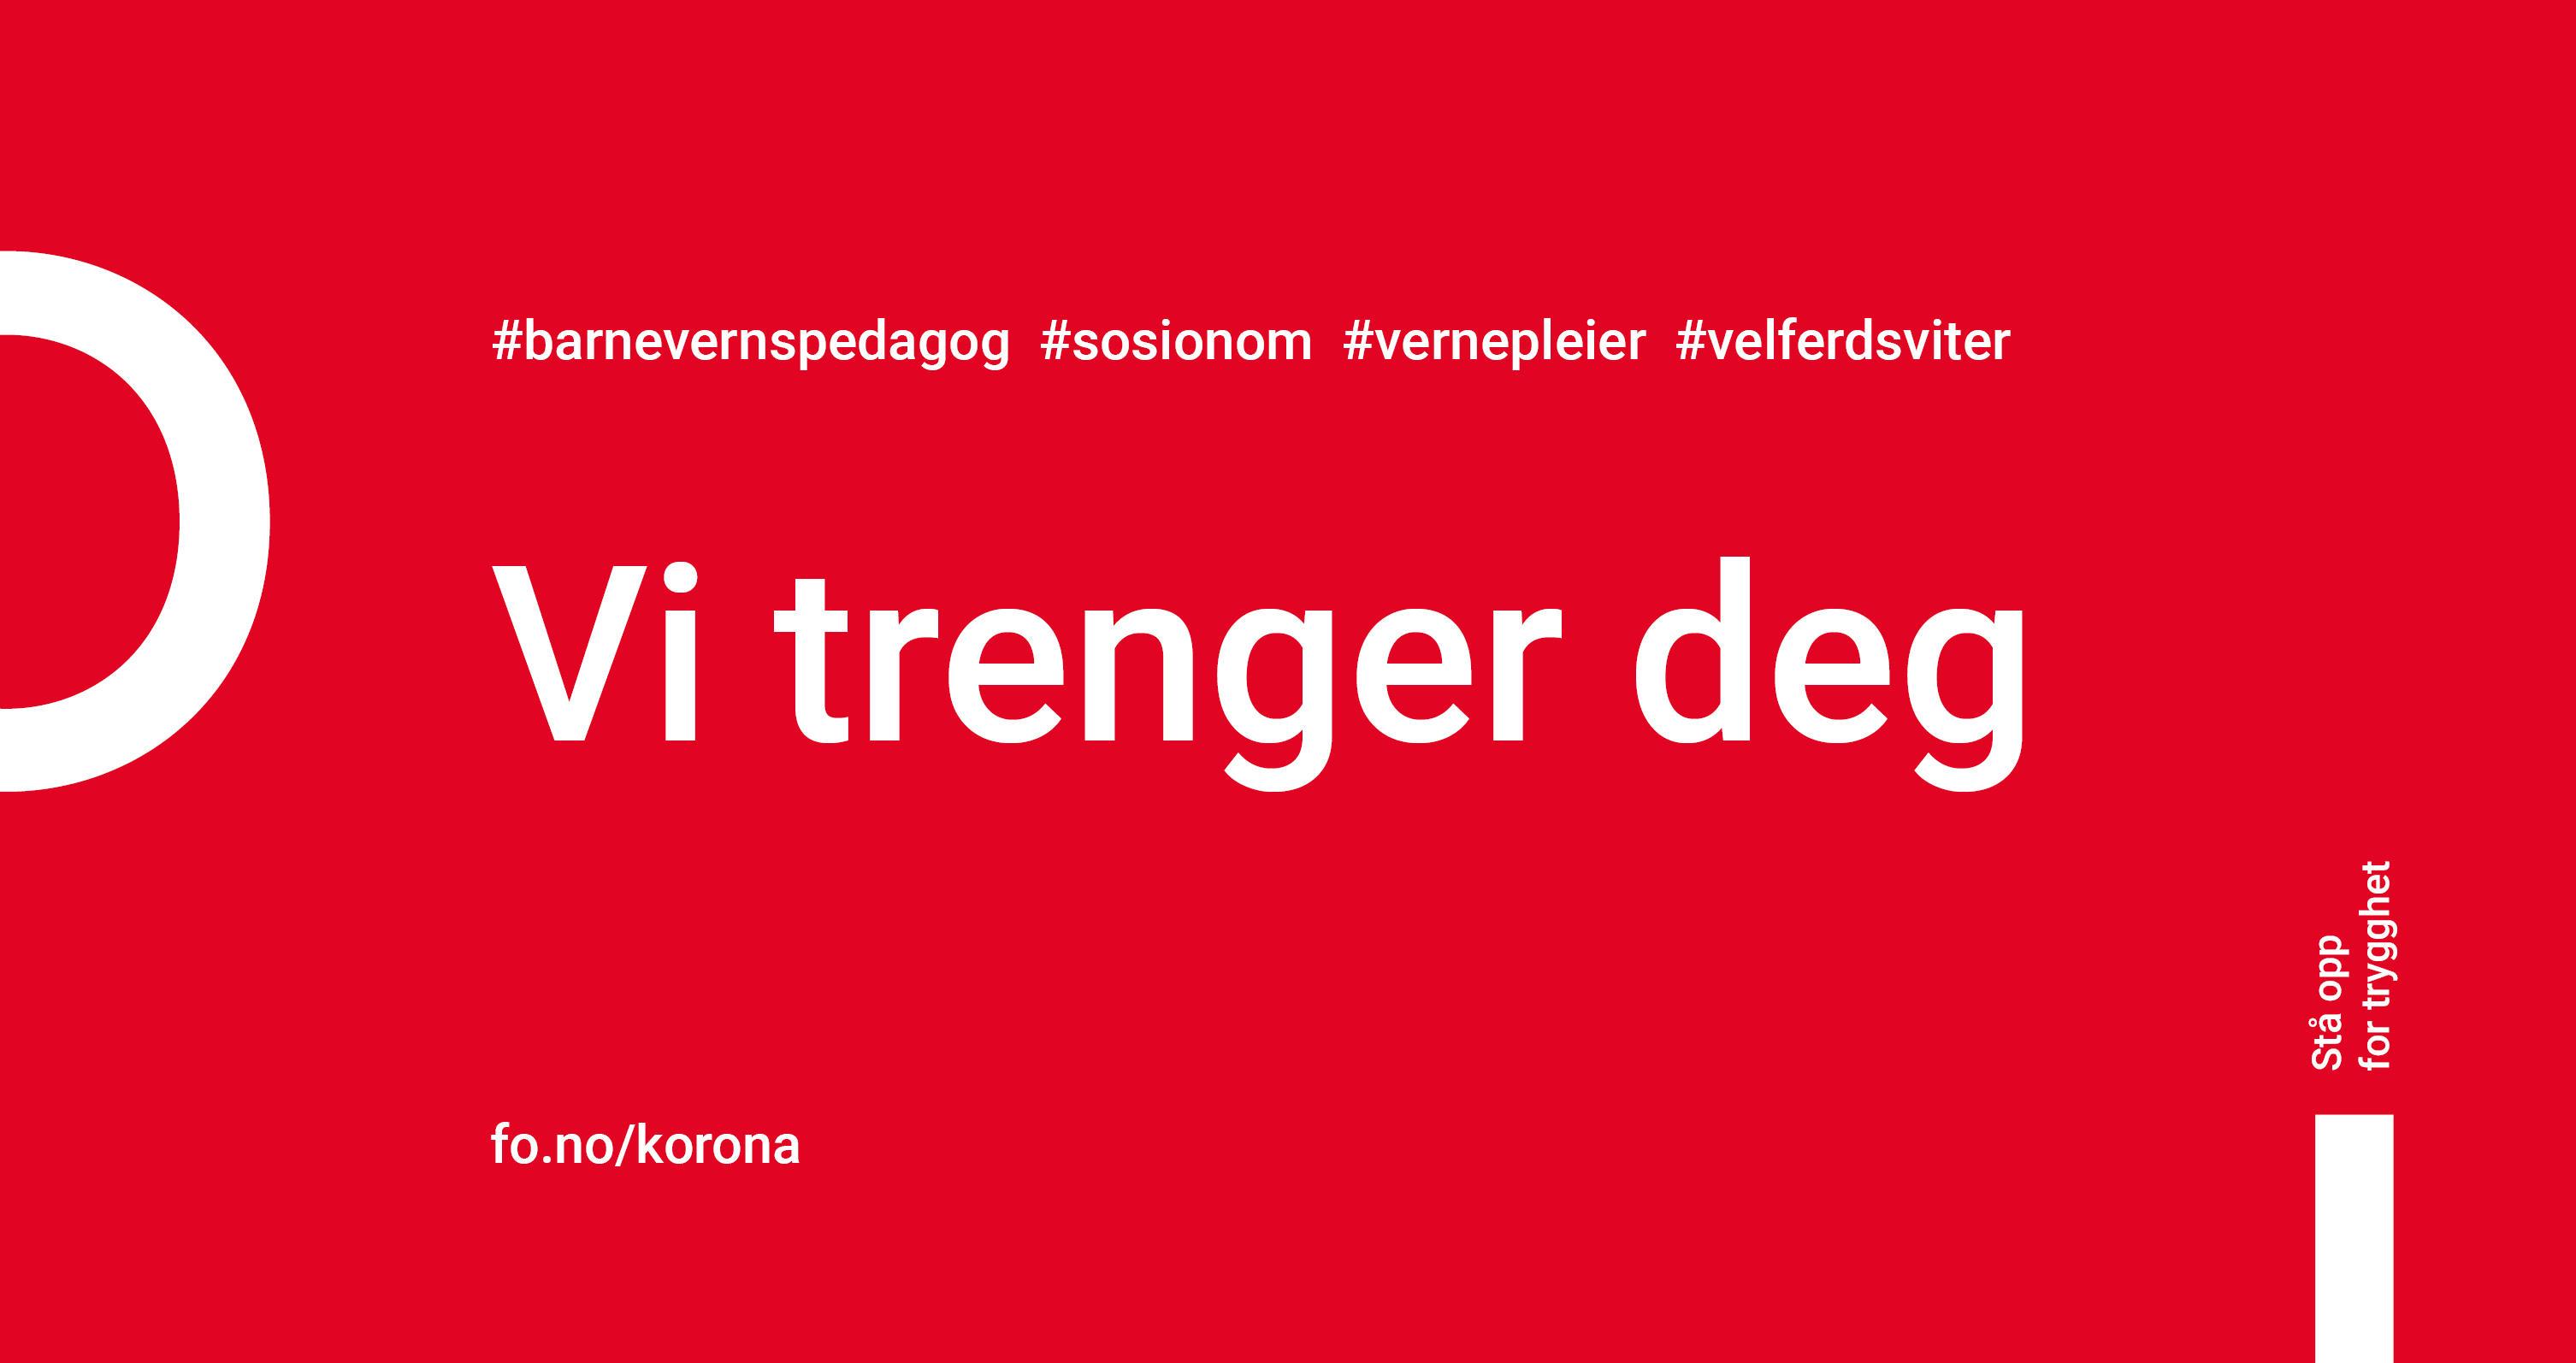 Norge trenger deg